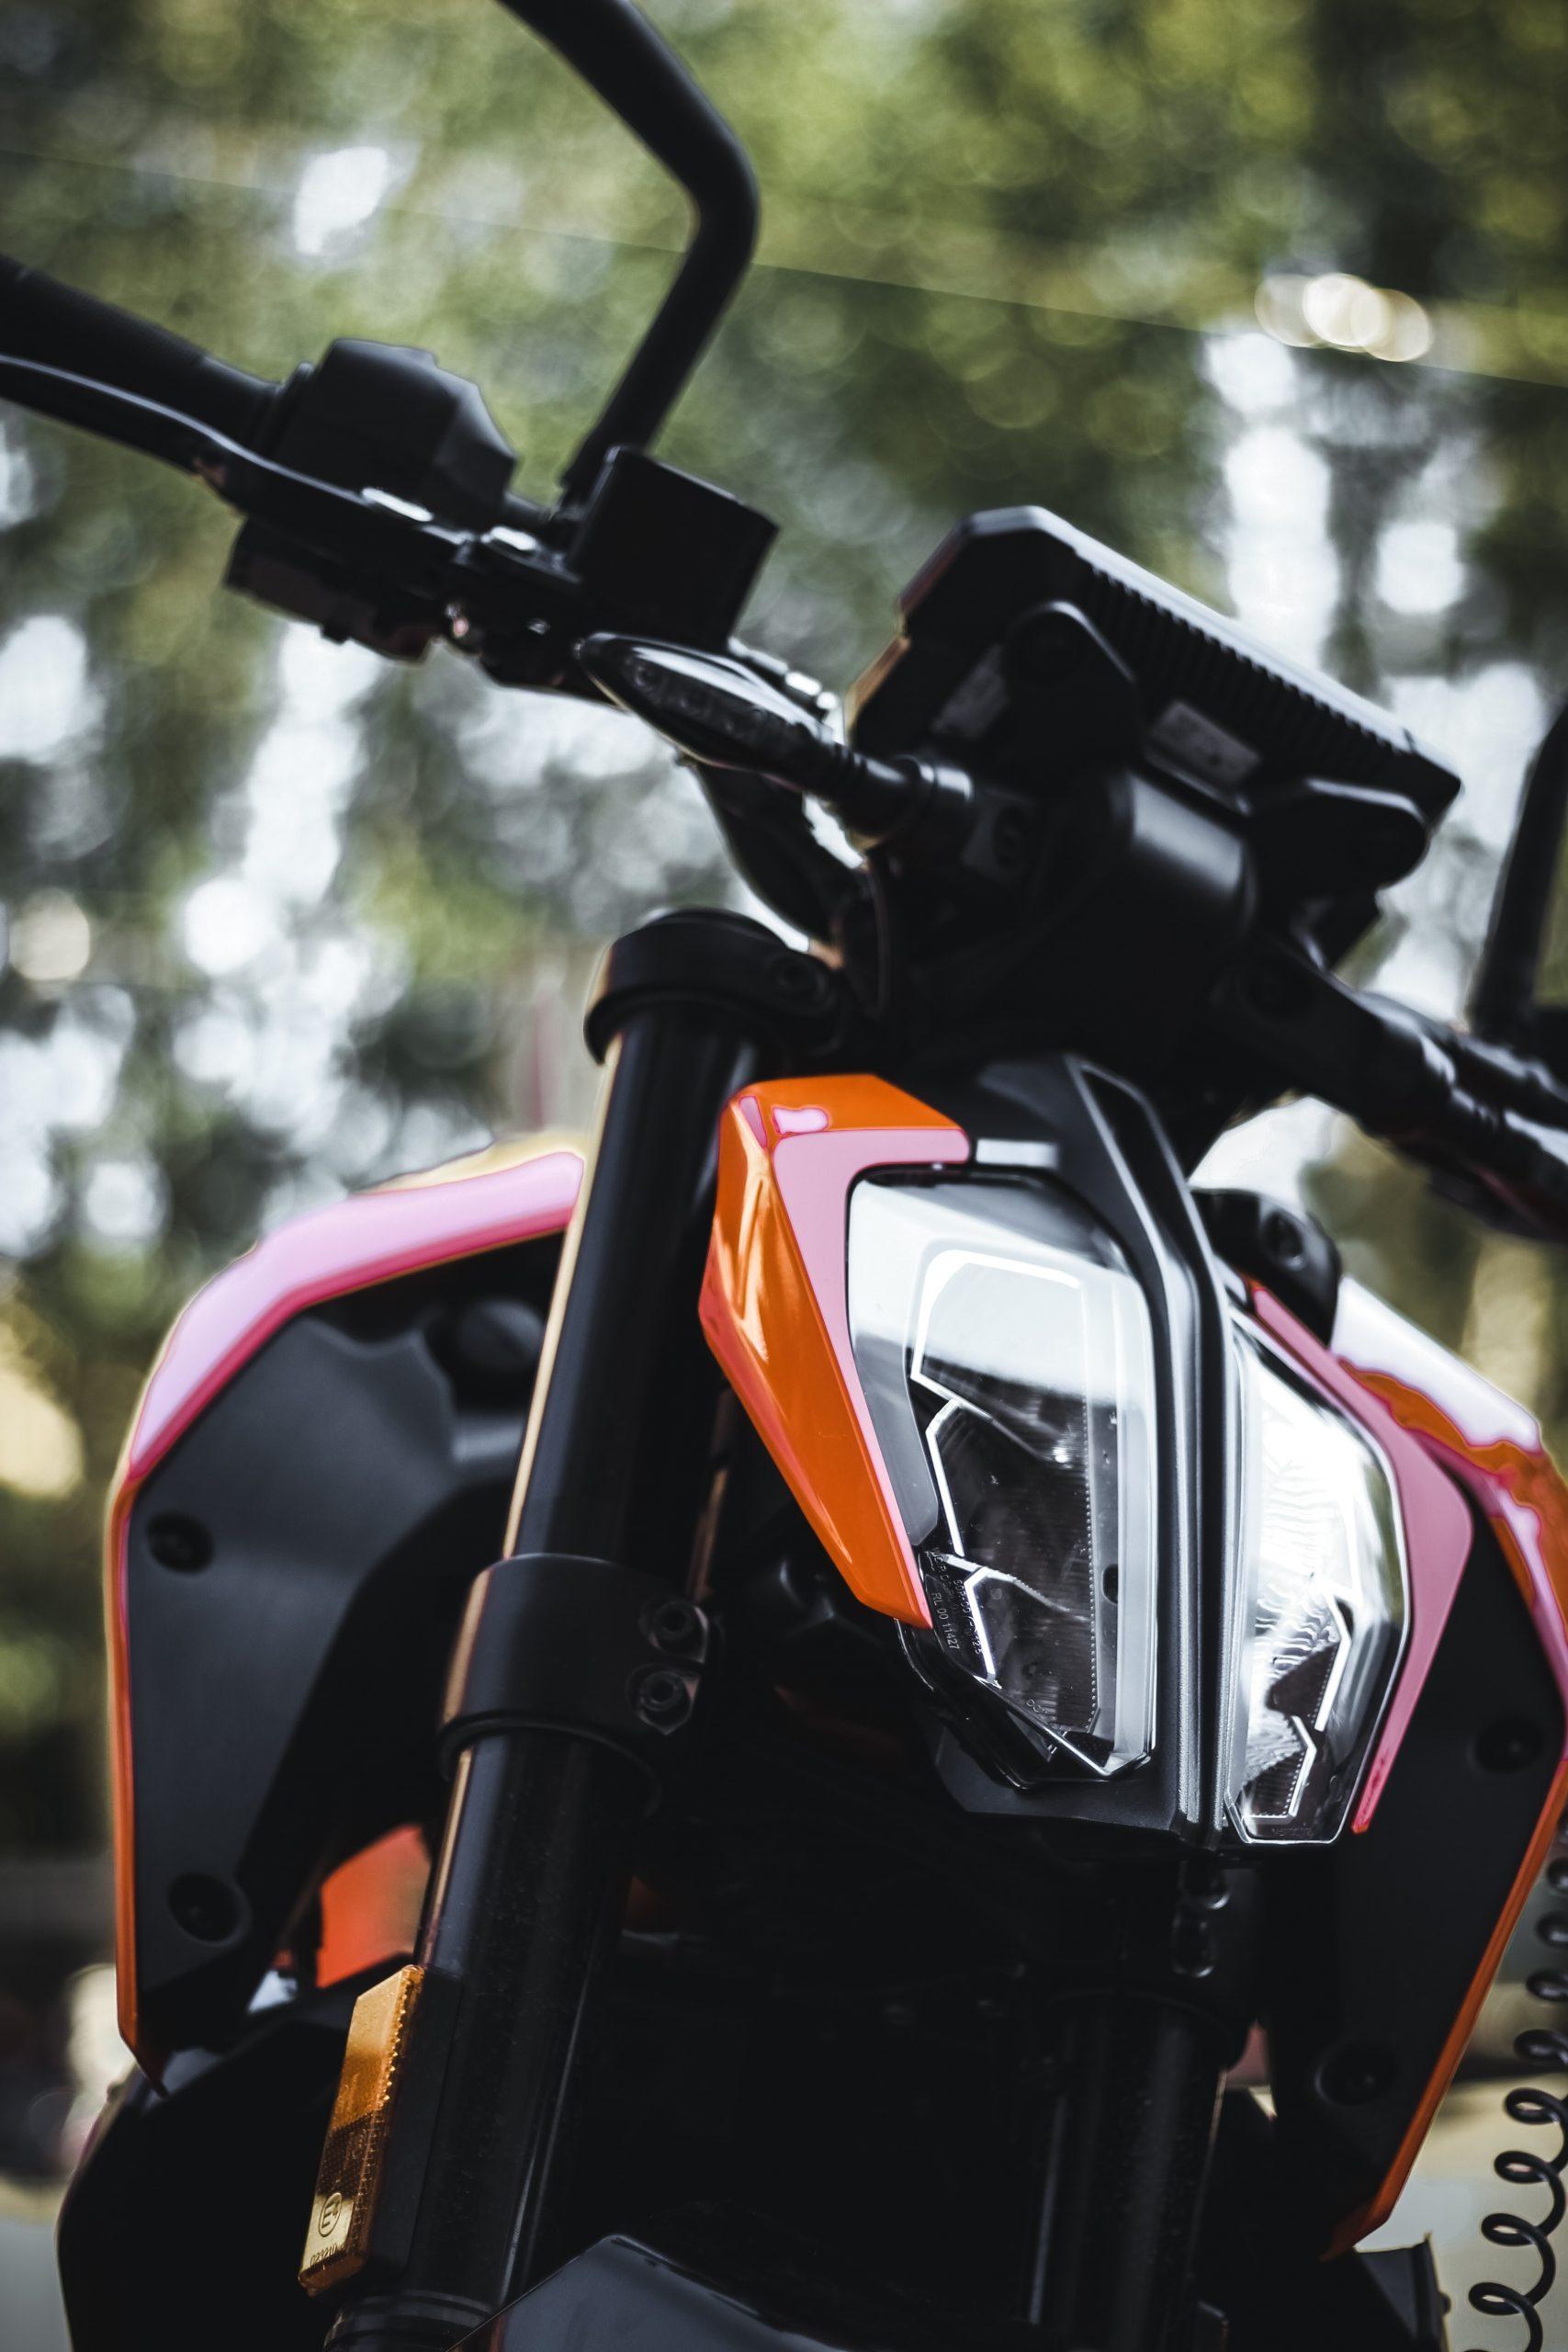 Locking Motorcycle